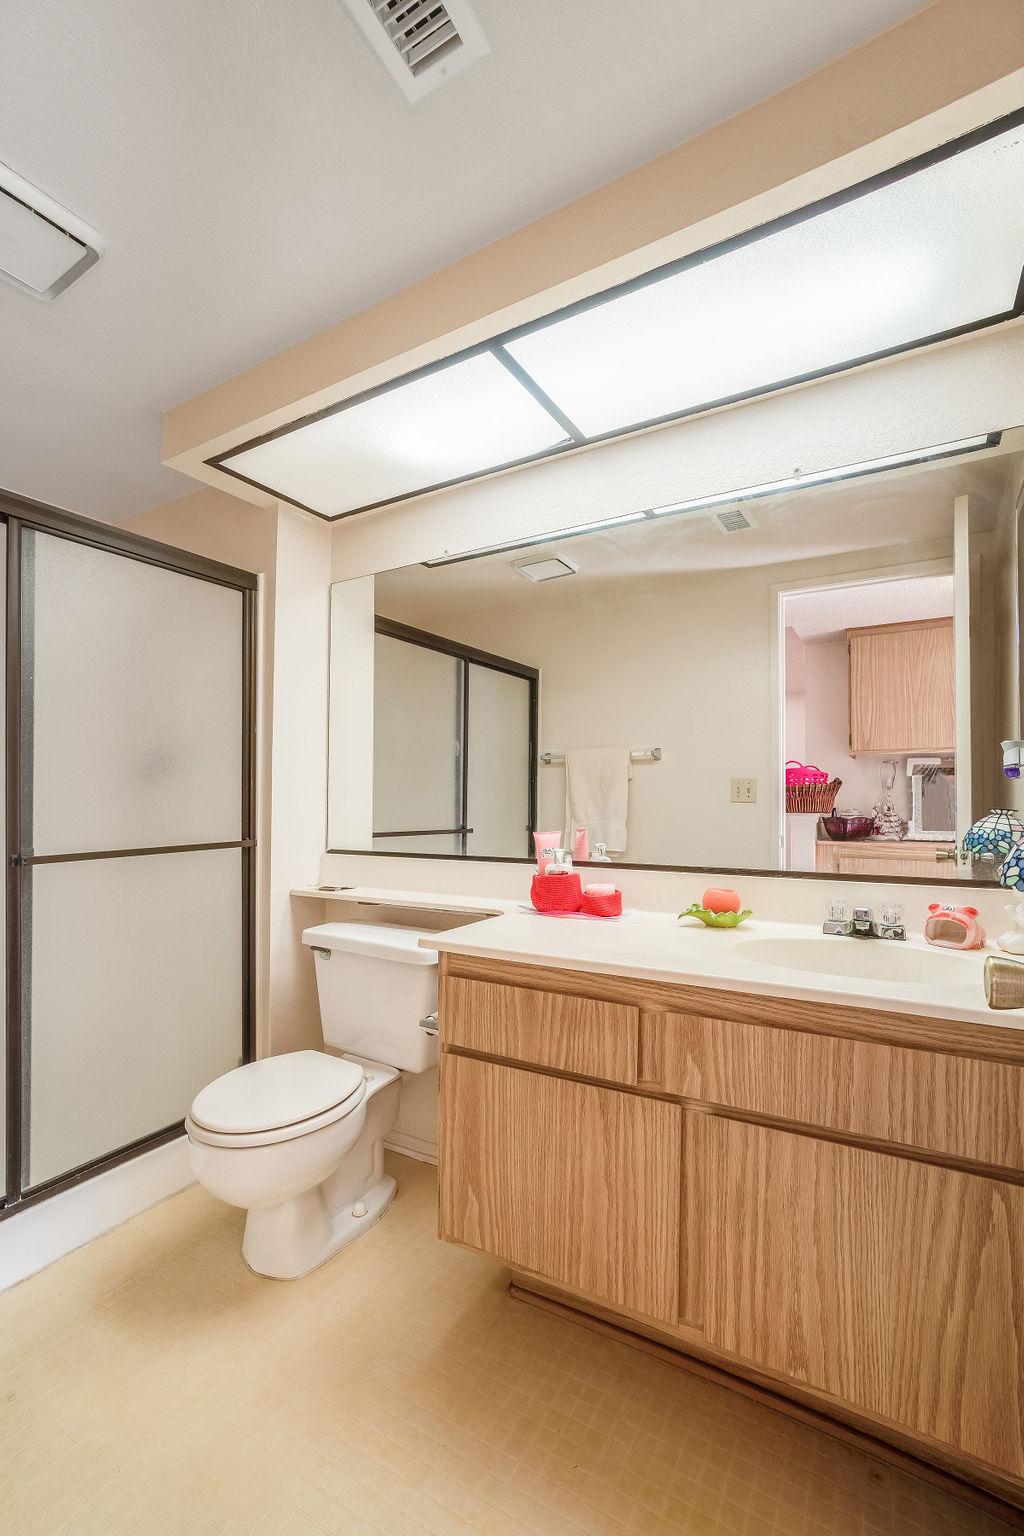 La Jolla Dr. property interior photo of bathroom and mirror